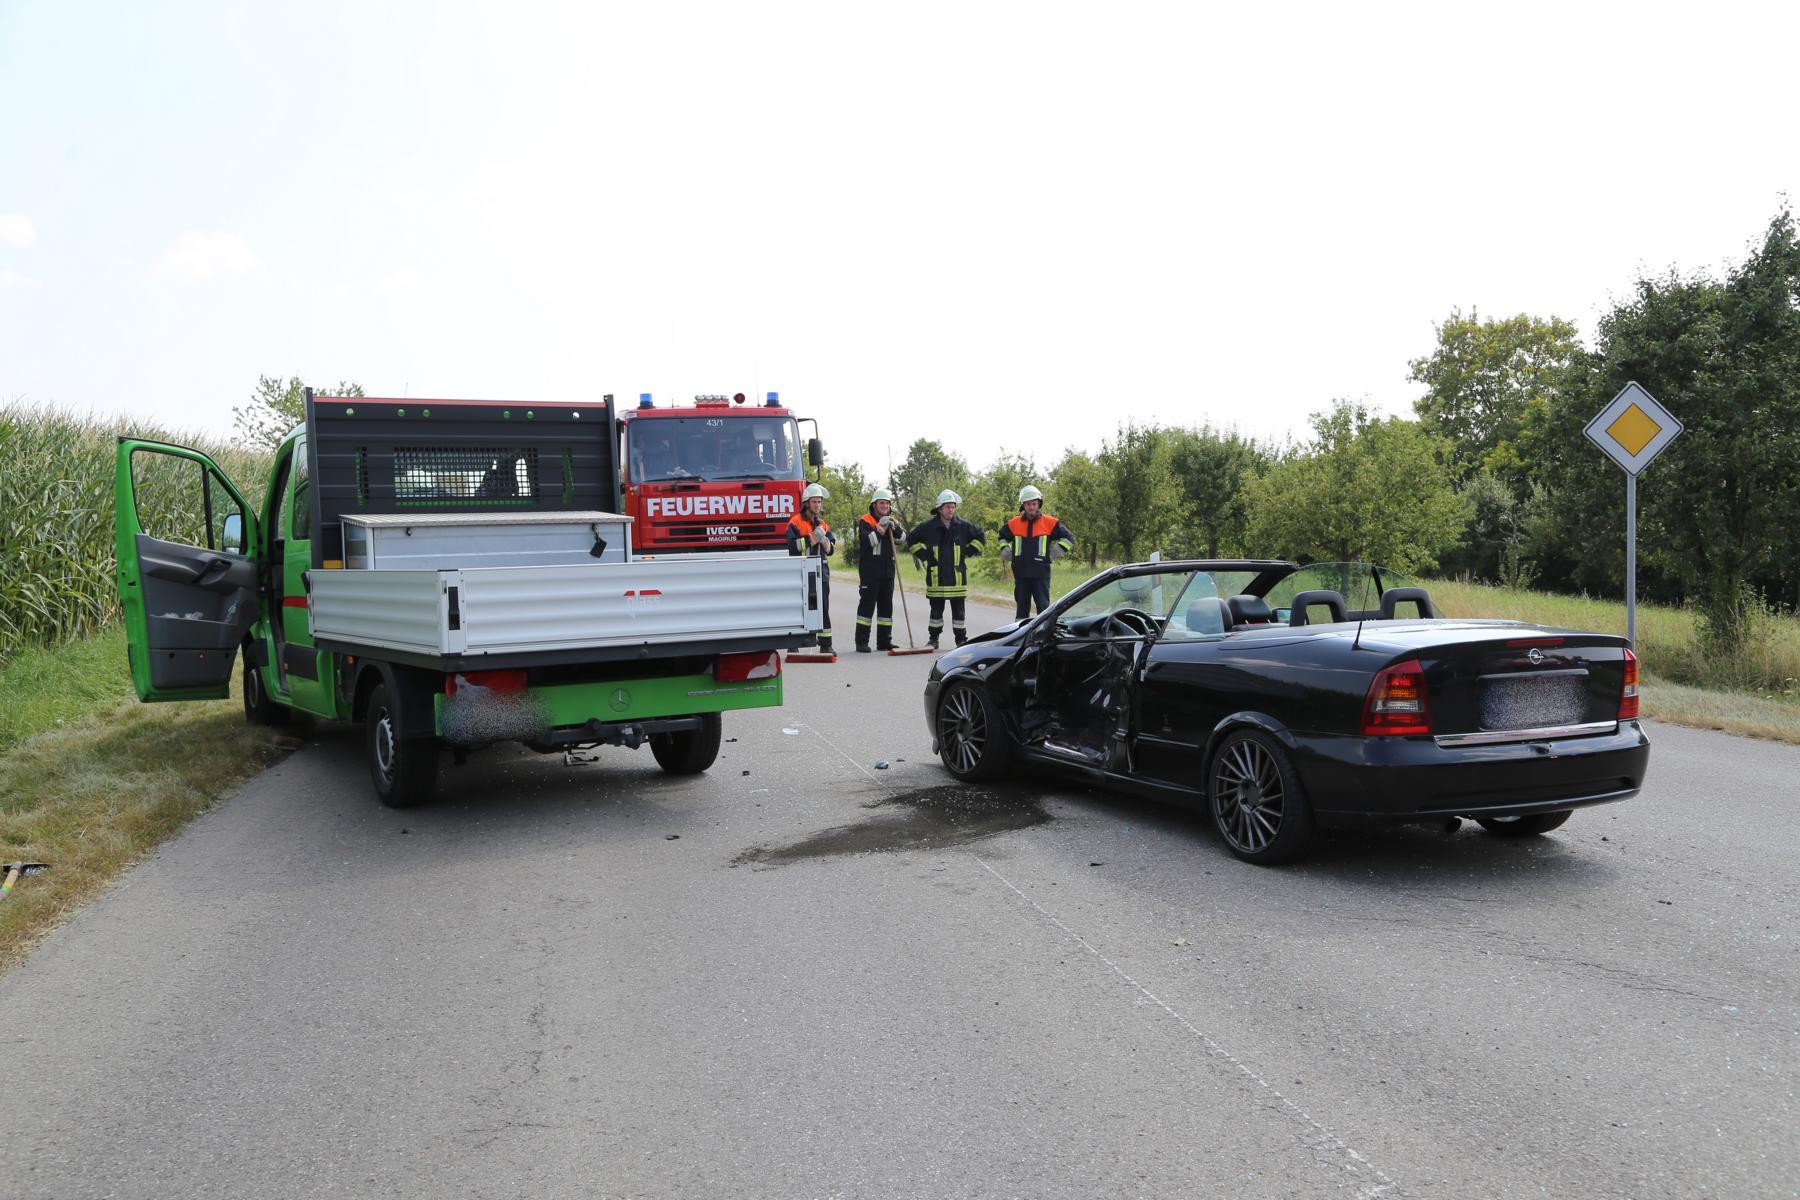 Unfall Mindelheim Gernstall Cabrio Kleinlaster gerammt Bringezu 03.08 (1)